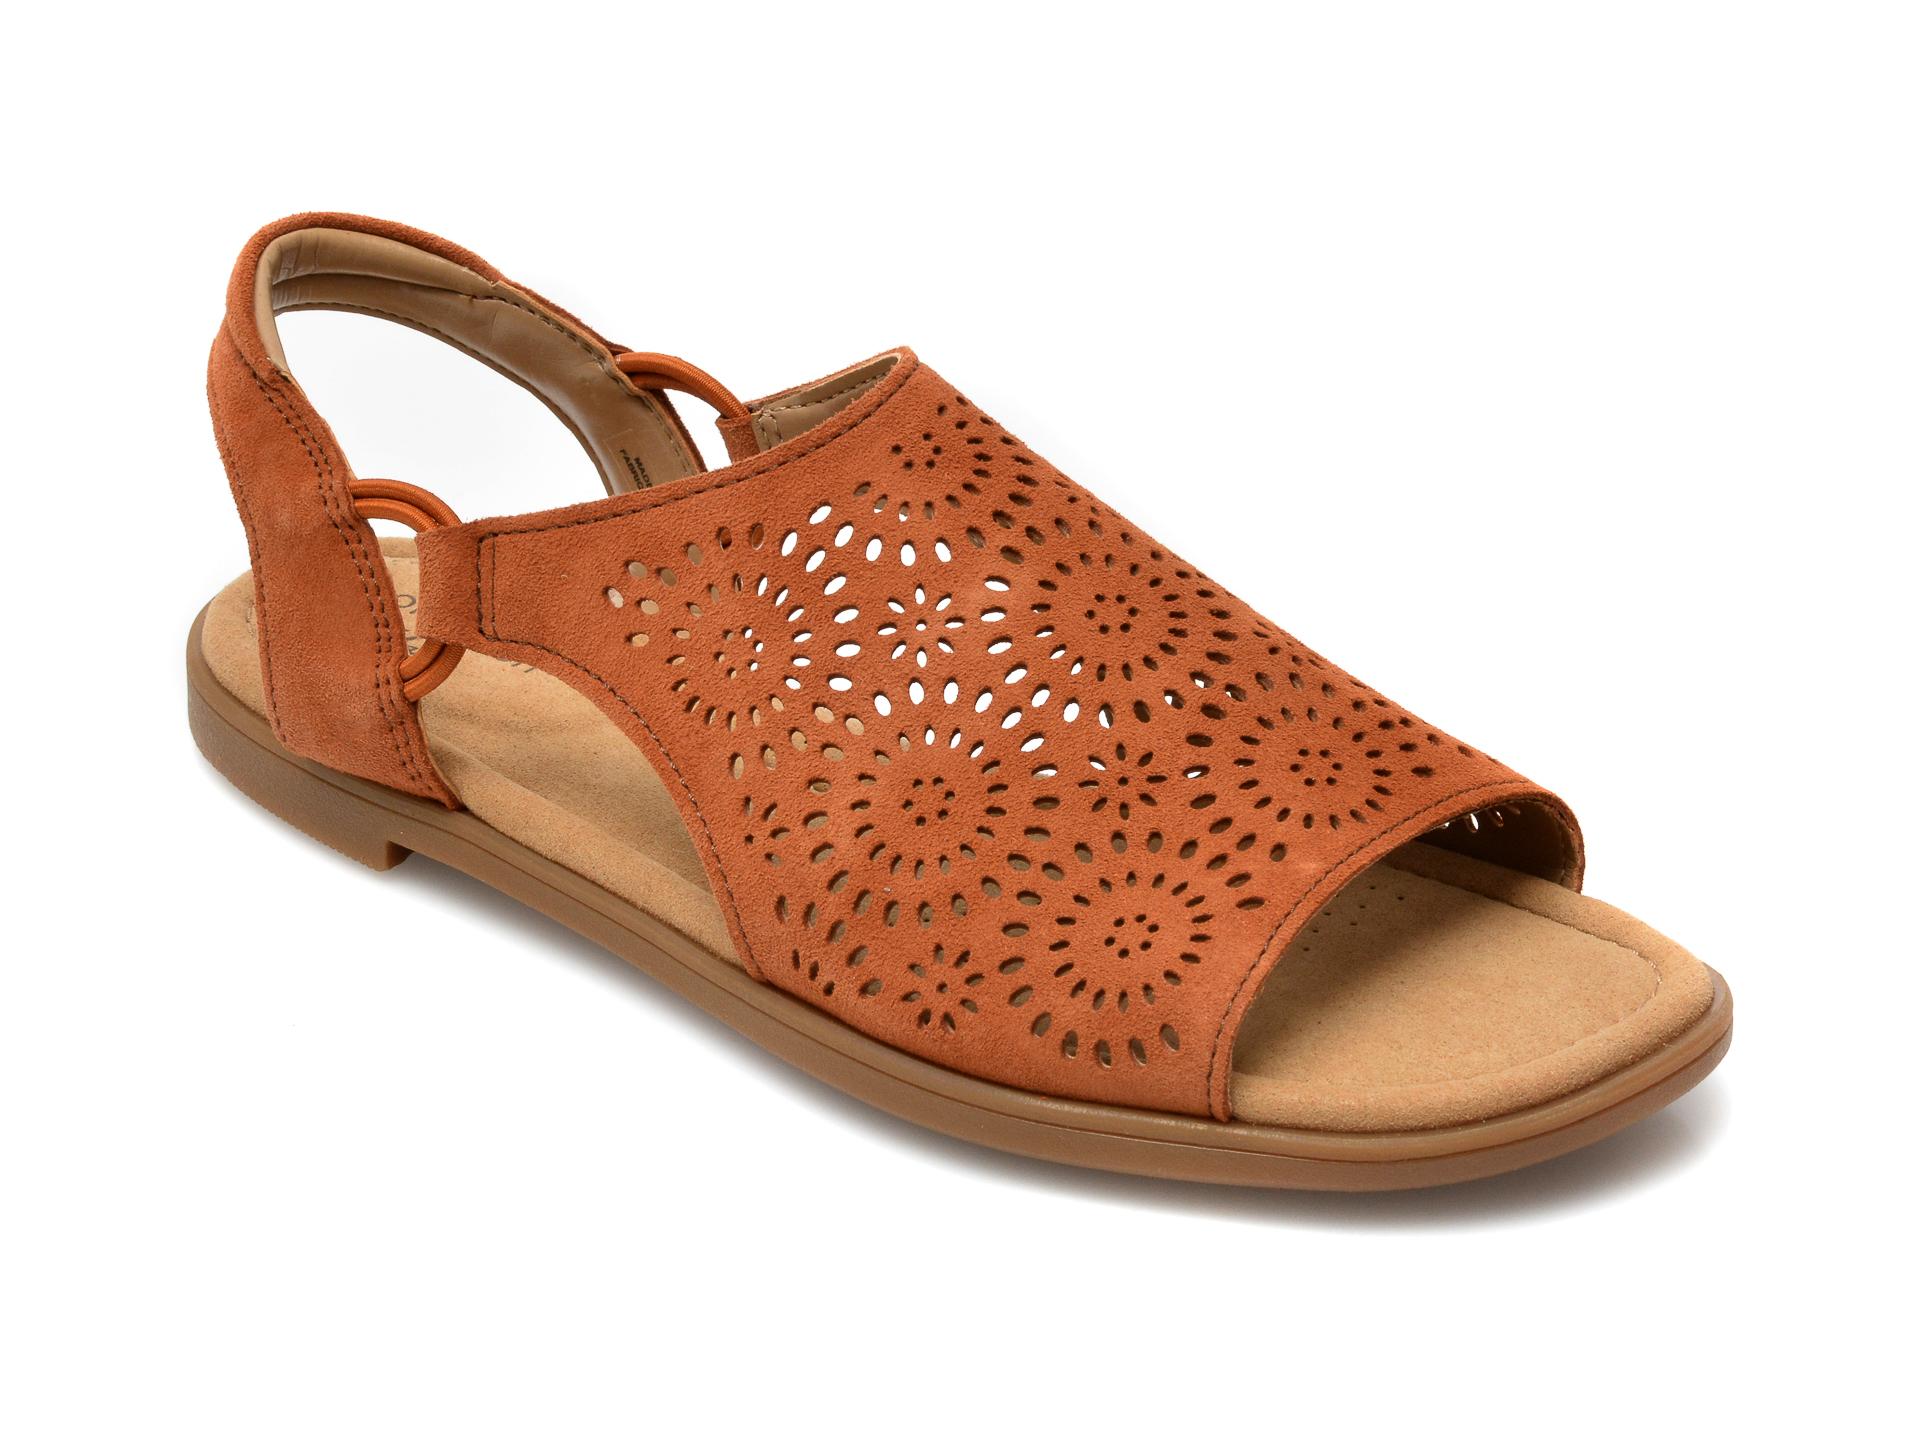 Sandale CLARKS maro, Reyna Swirl, din piele intoarsa imagine otter.ro 2021